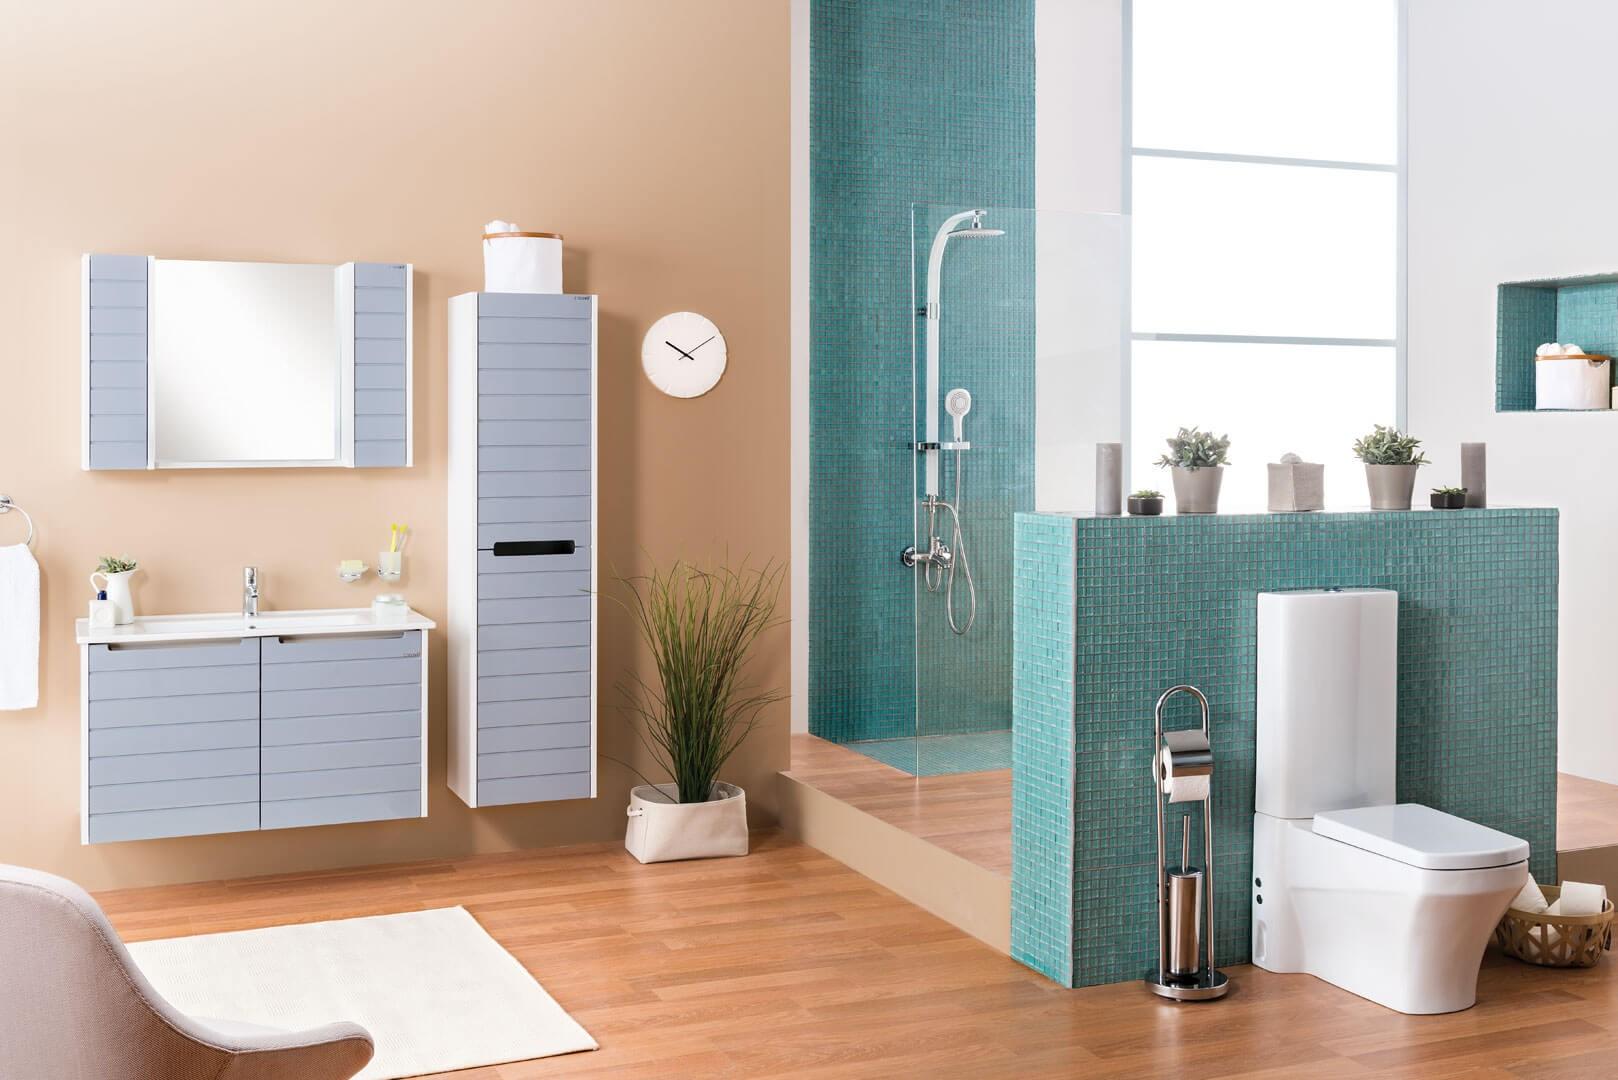 mavi-renk-banyo-mobilyasi